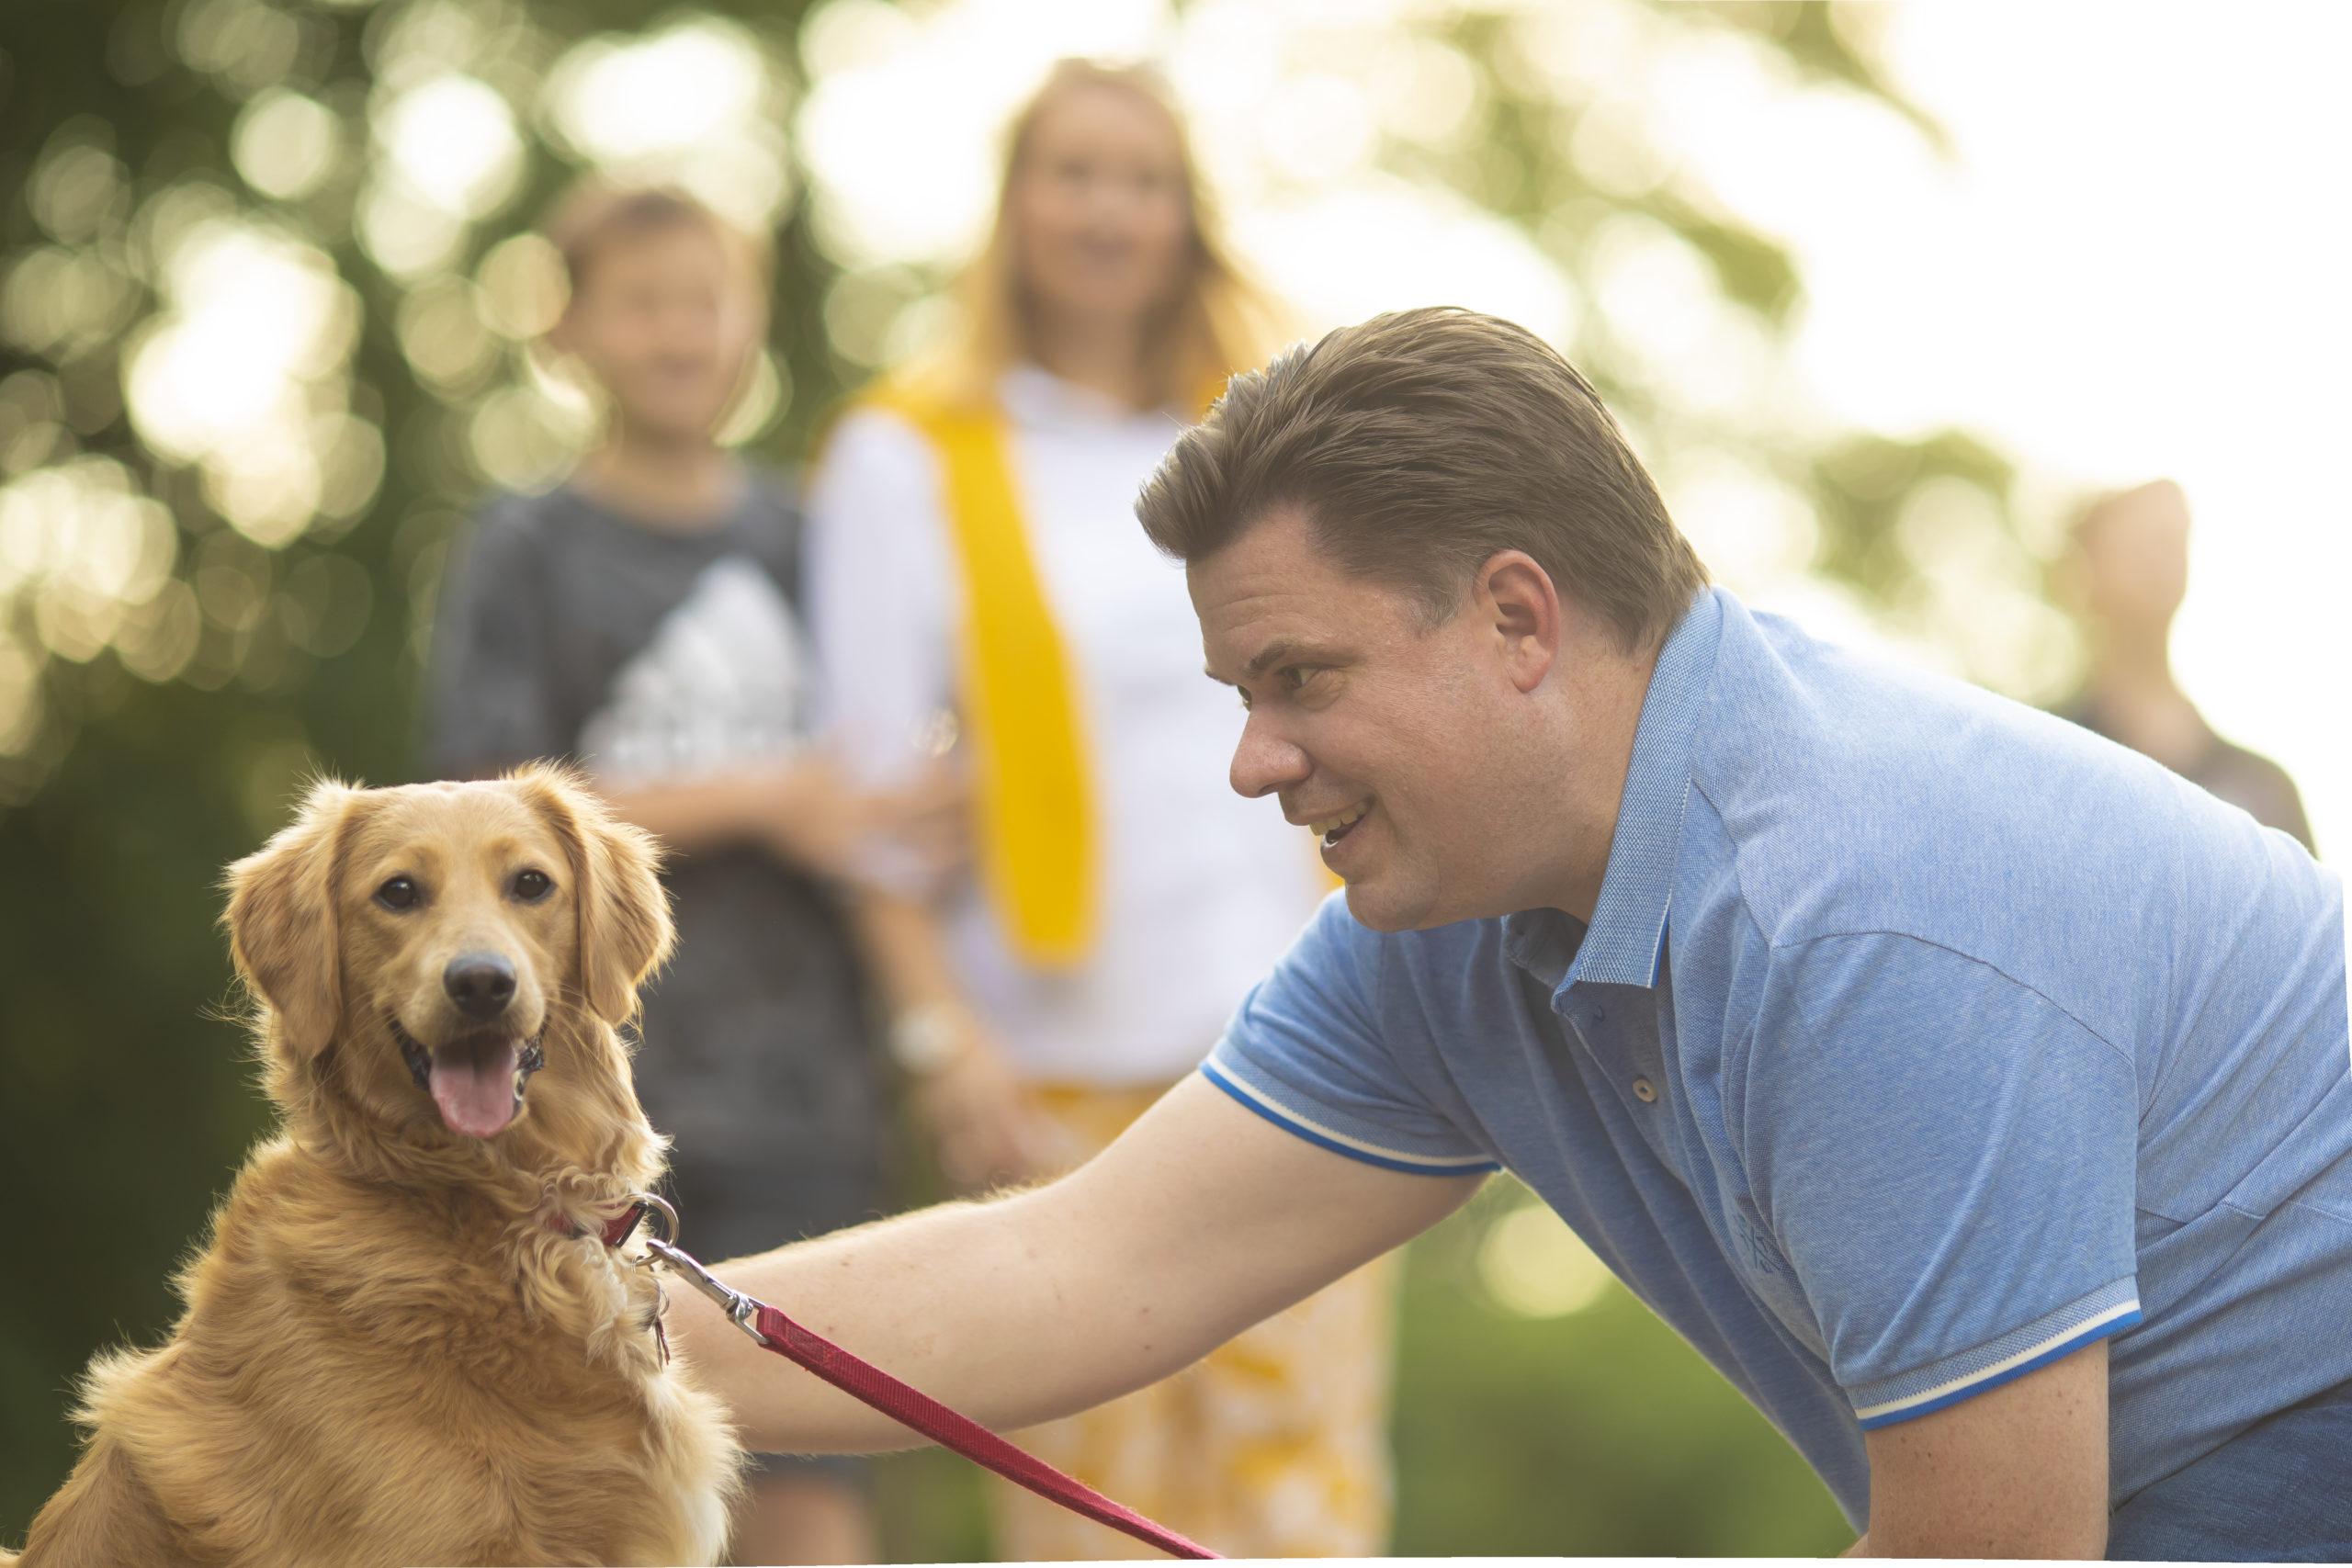 Stefan Schmitt streichelt seinen Hund, Frau und Sohn sind unscharf im Hintergrund